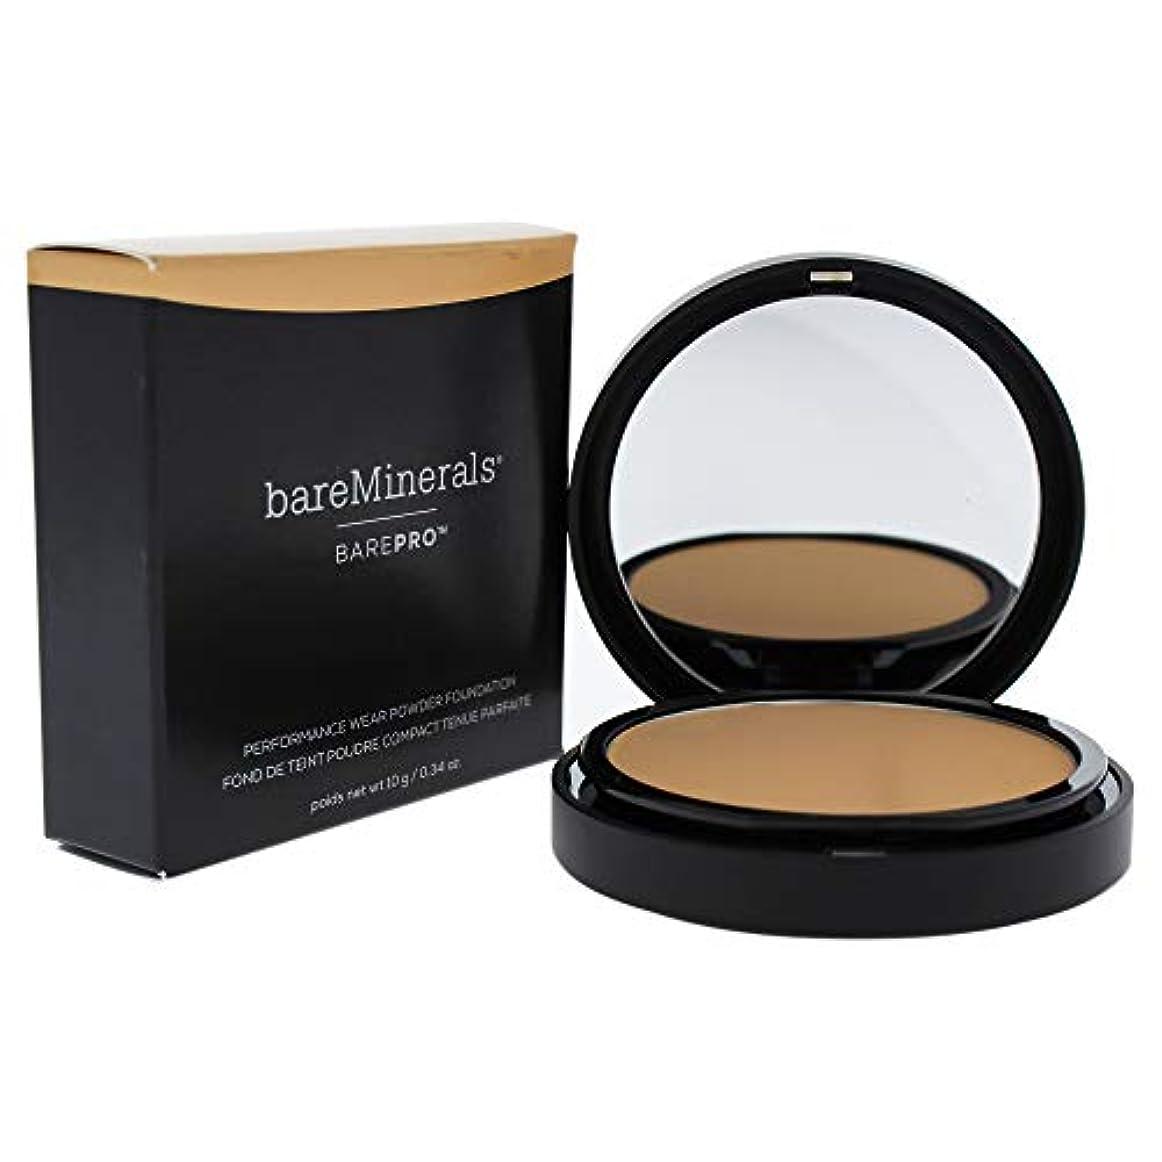 トライアスロンひばり精巧なベアミネラル BarePro Performance Wear Powder Foundation - # 13 Golden Nude 10g/0.34oz並行輸入品